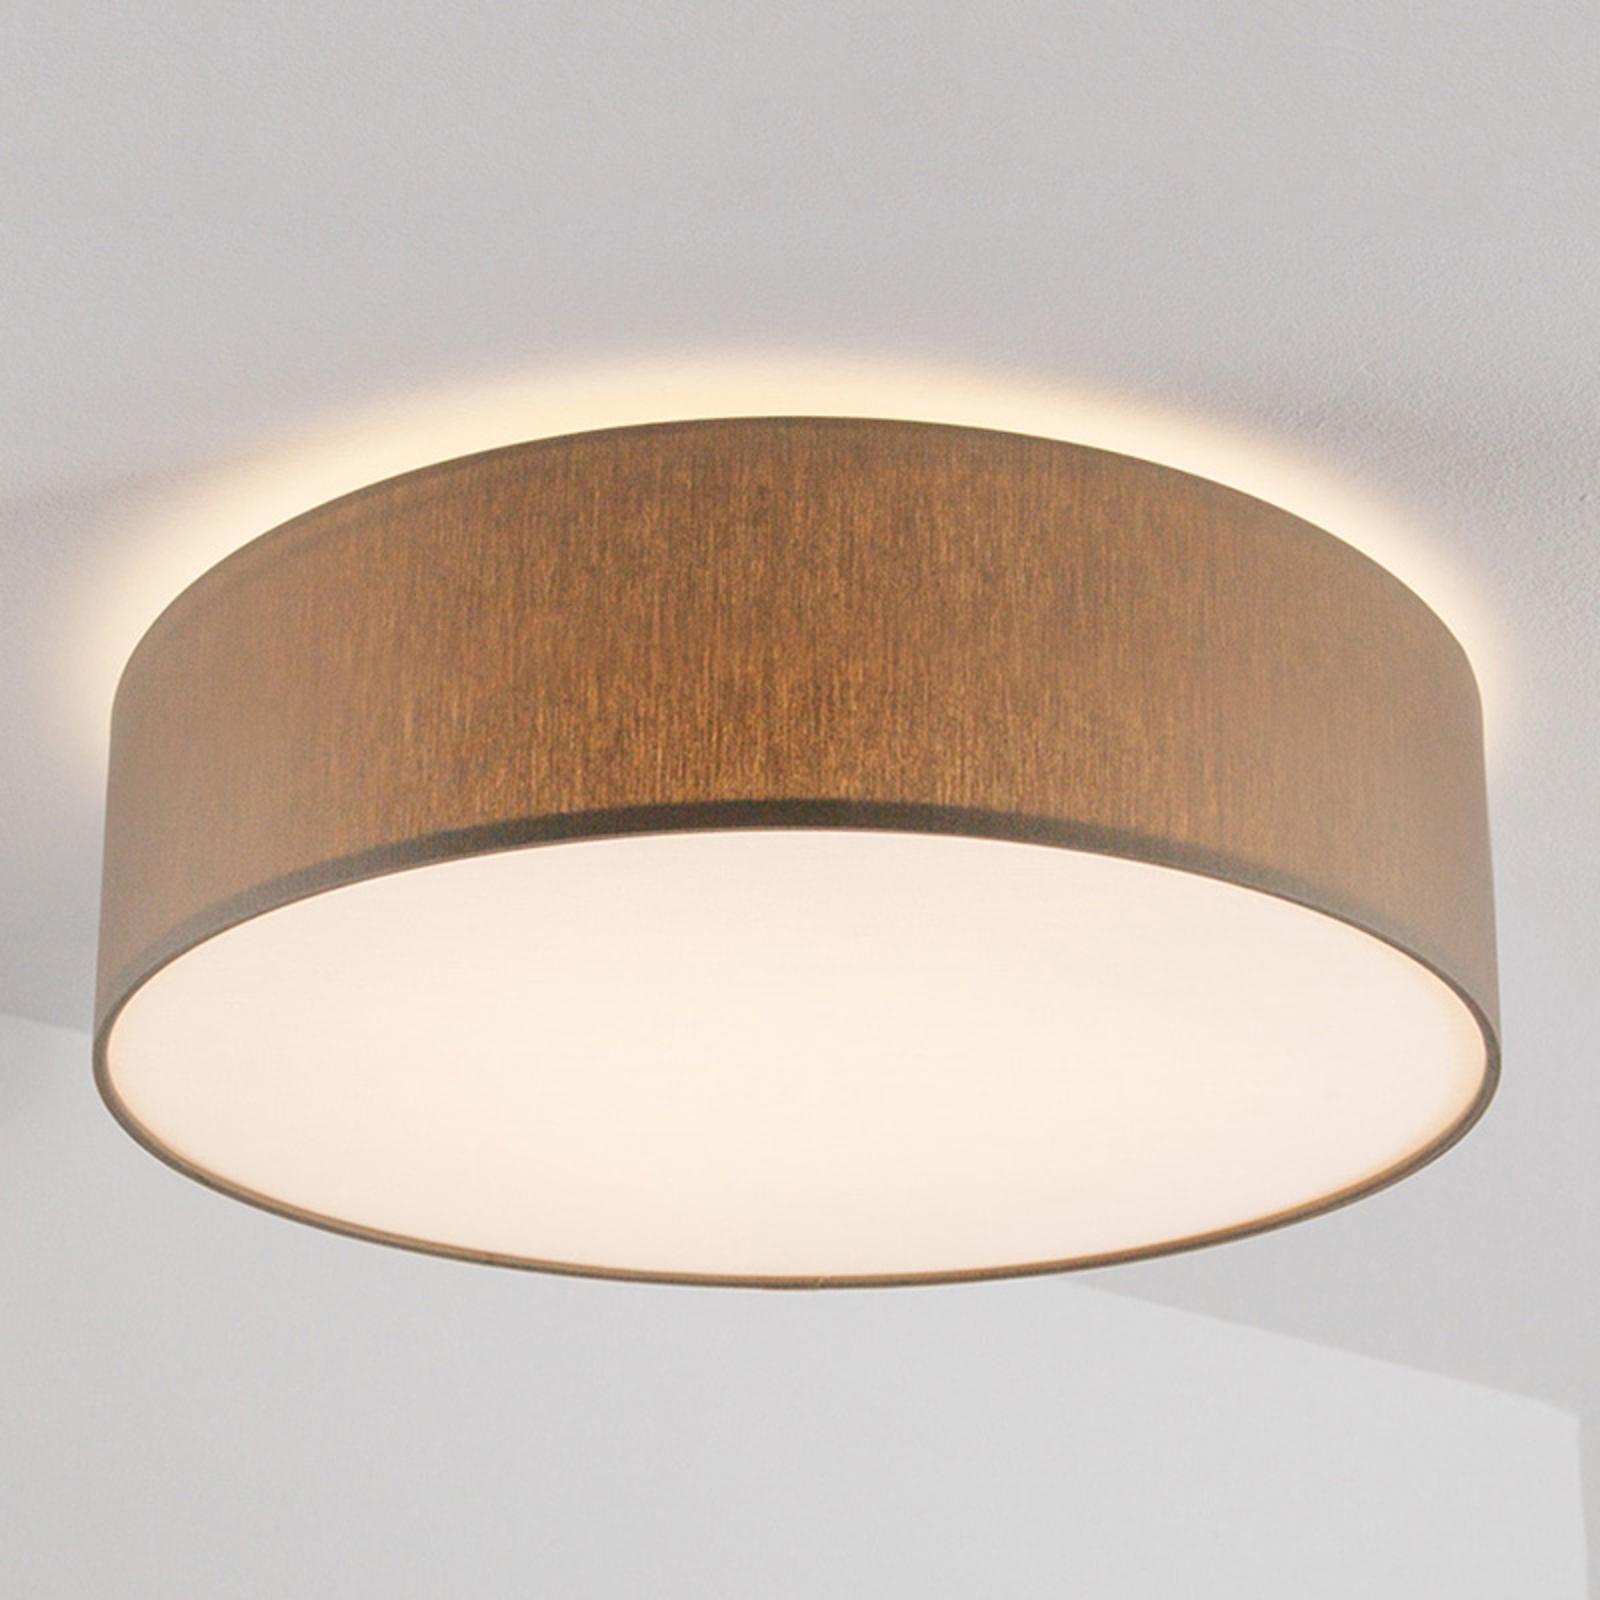 Szarobrązowa lampa sufitowa MARA, 60 cm